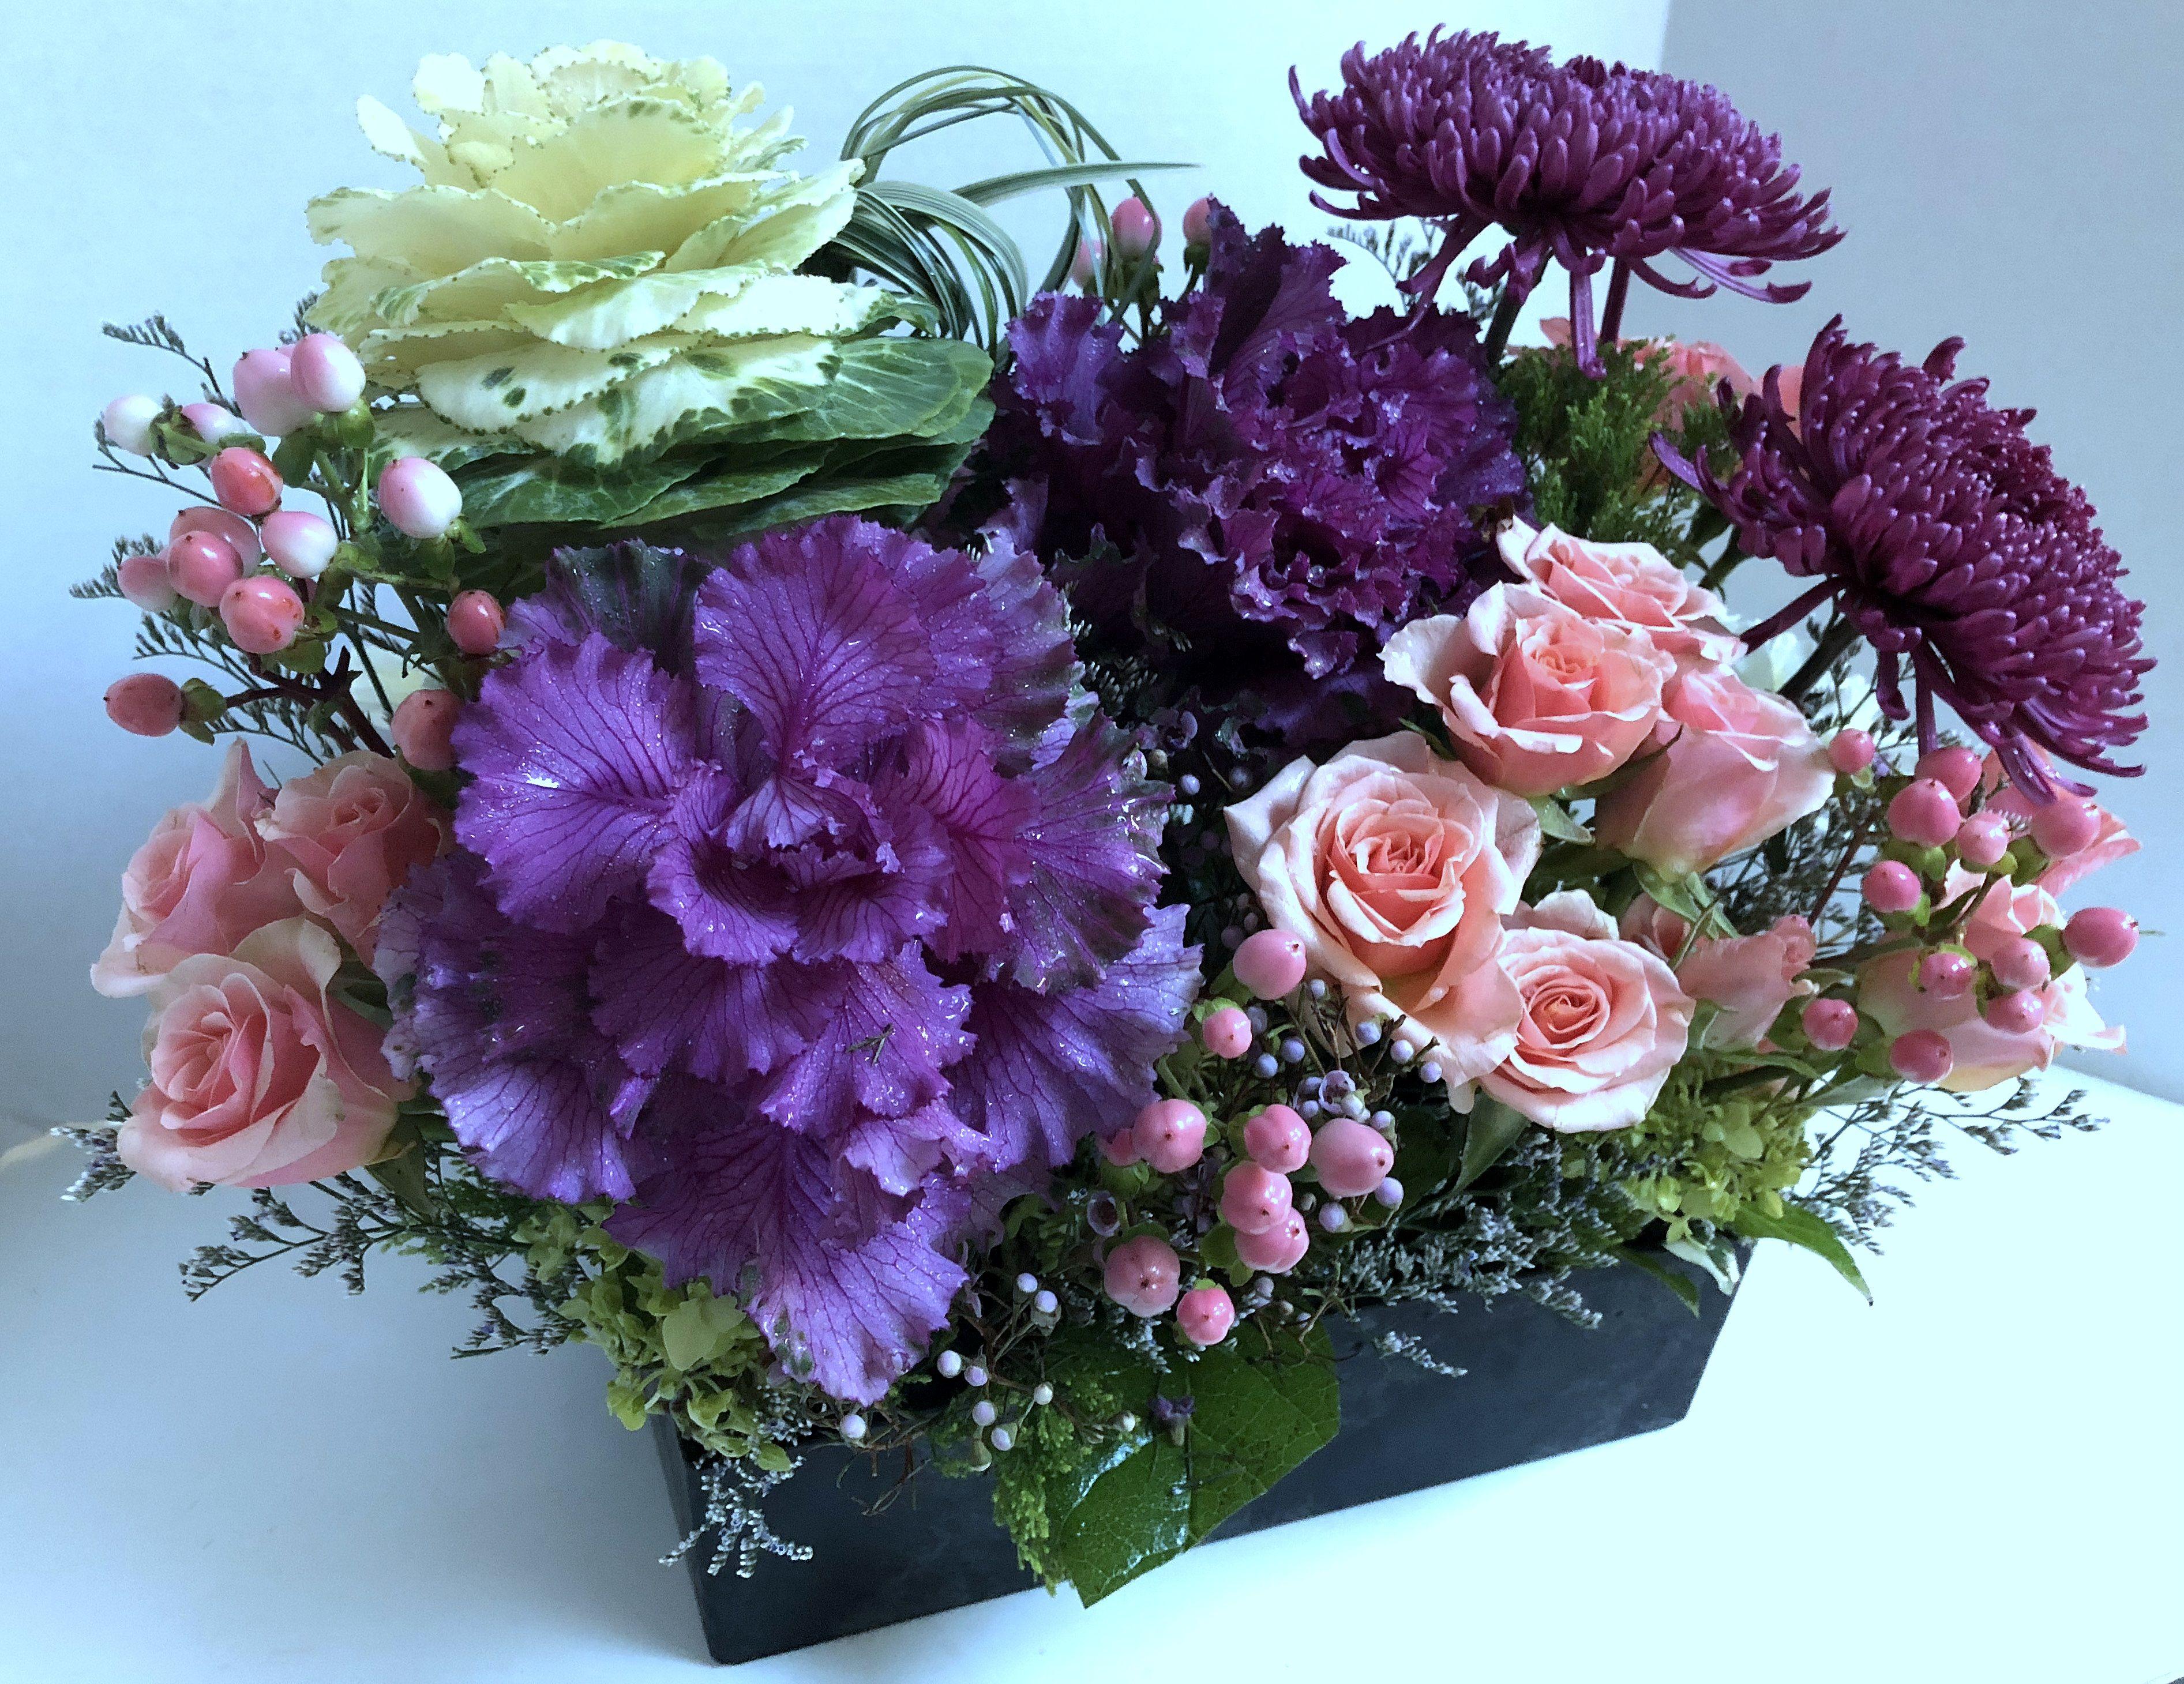 winter kale w purples pinks floral designs floral floral rh pinterest com